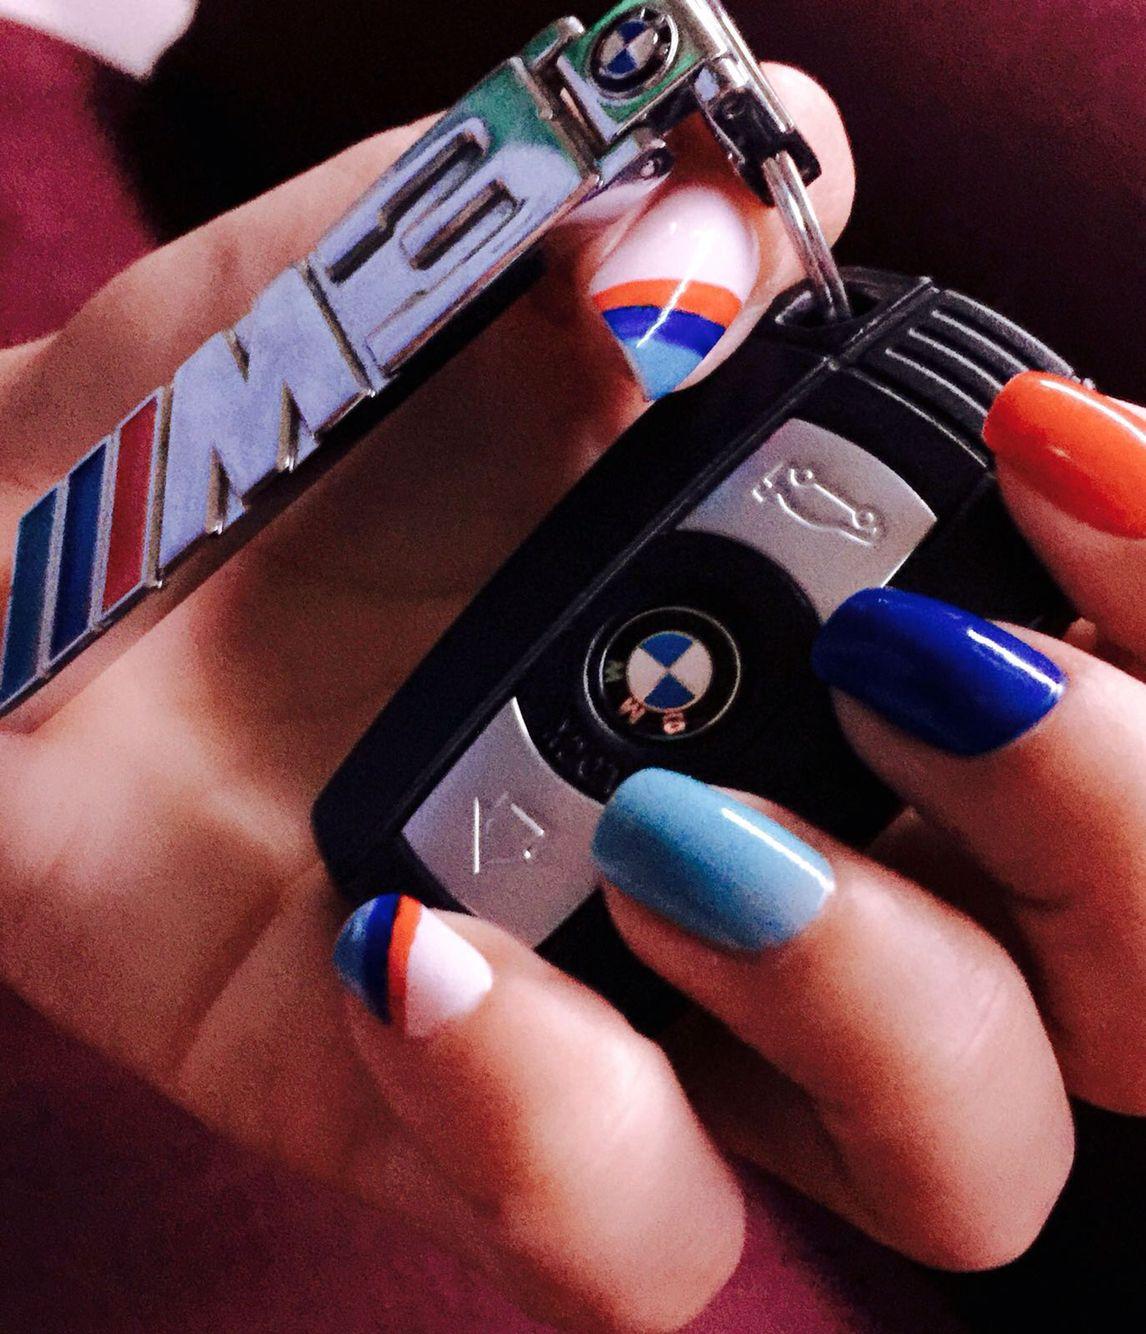 Pin By Briana Simpson On Nail Designs Basic Nails Fashion Nails Nail Art